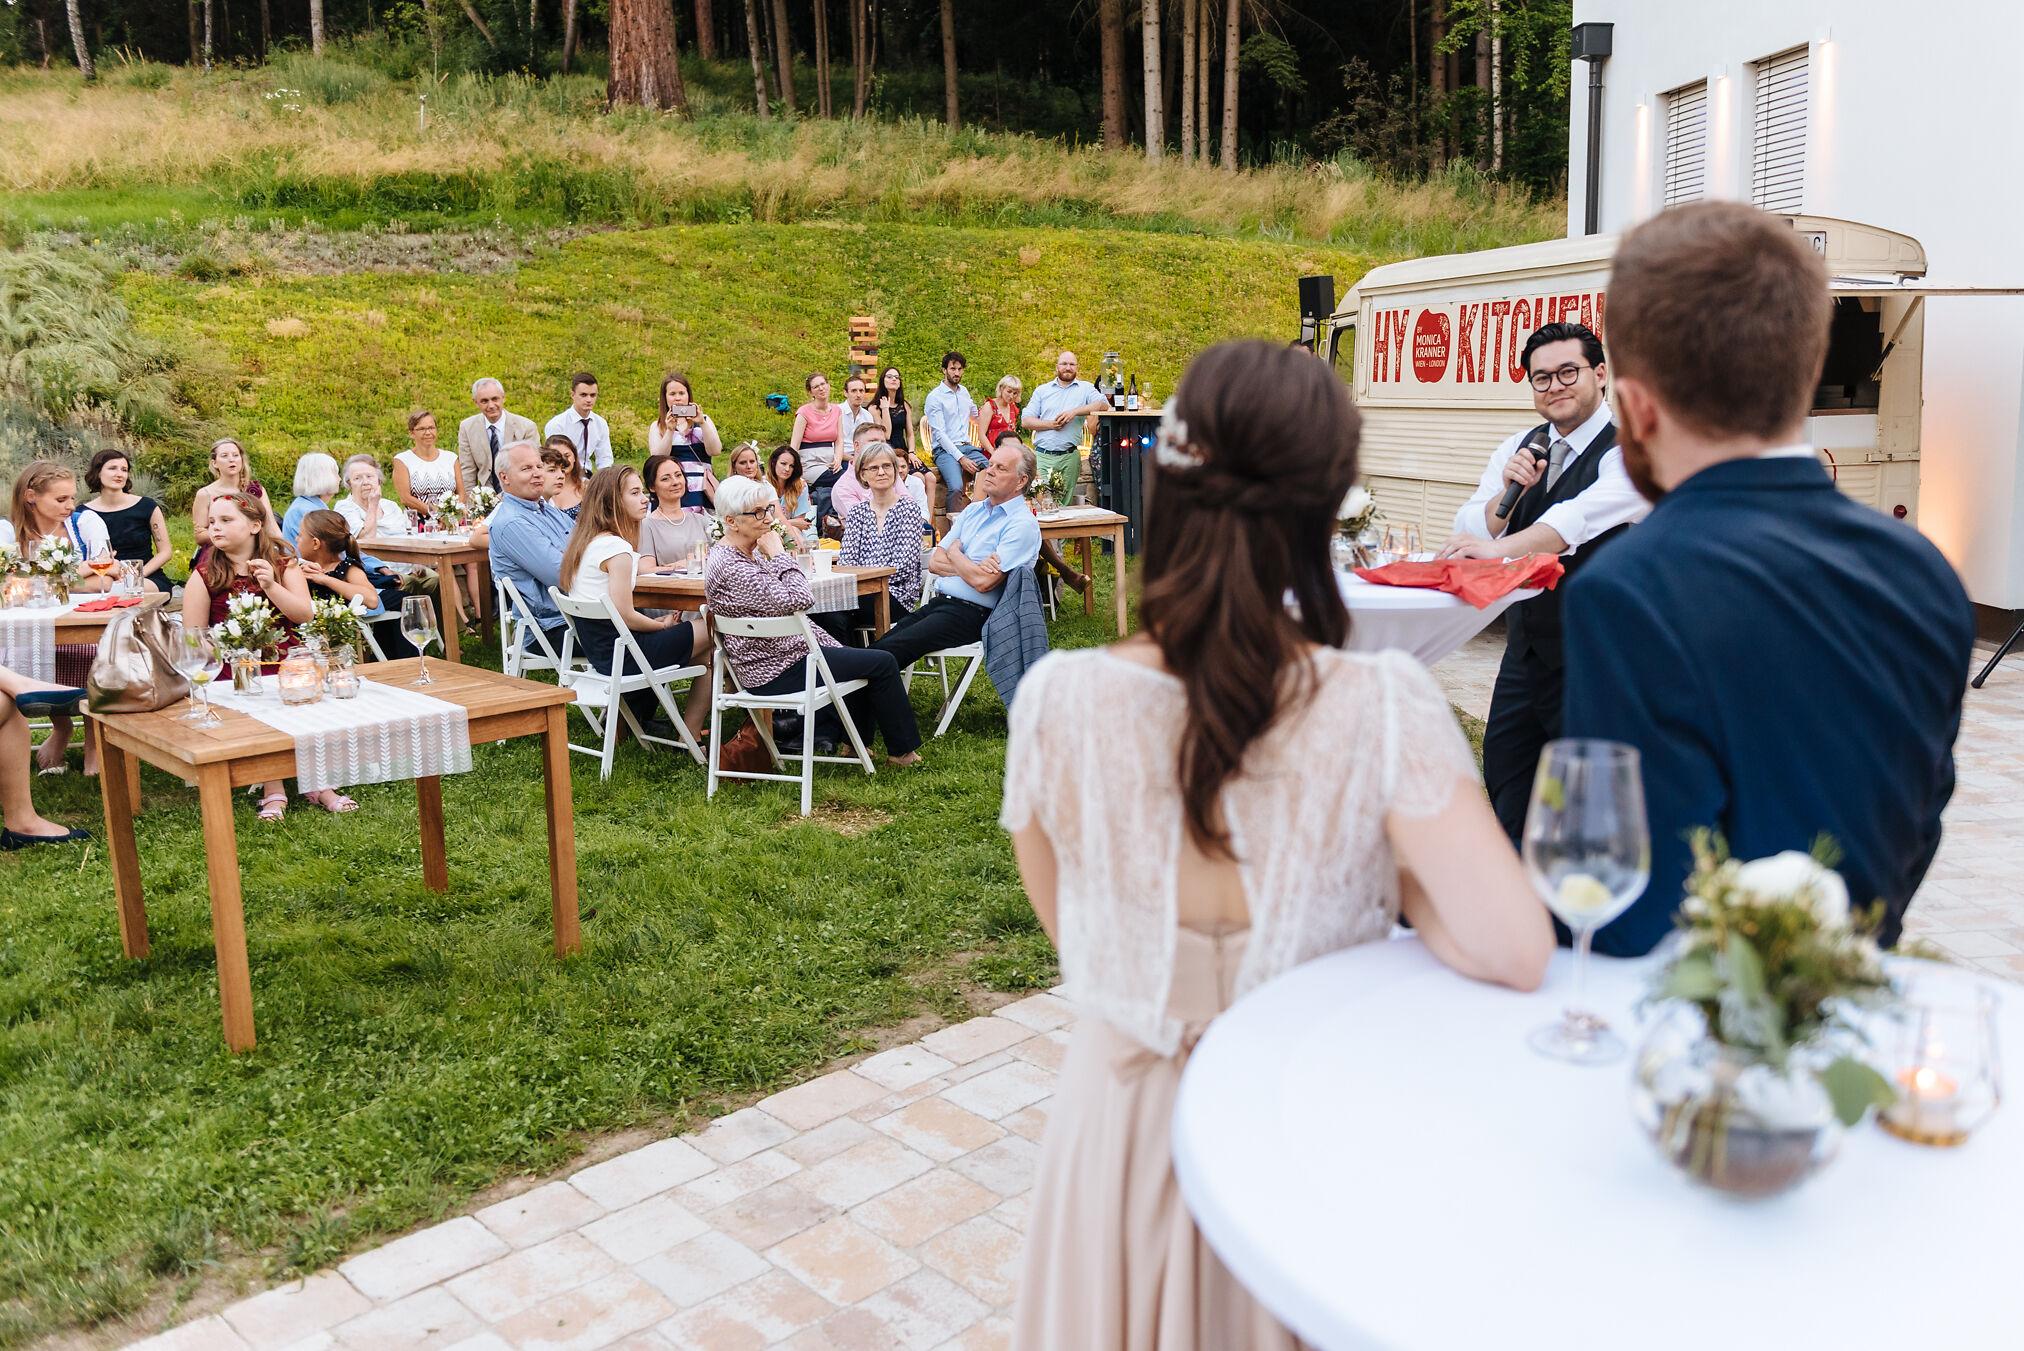 Hochzeit-Garten-Denoti-40.jpg